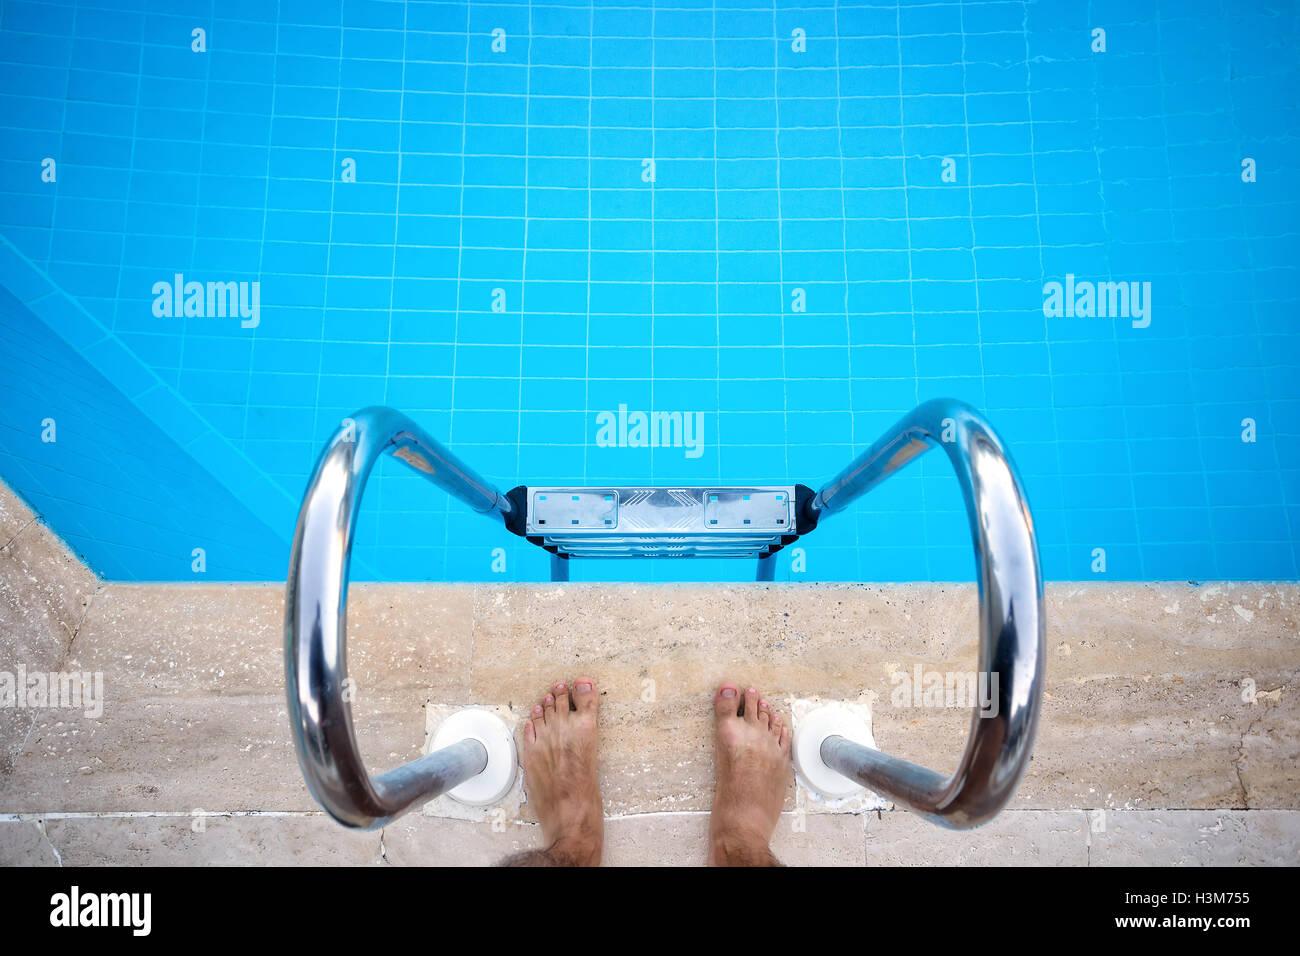 Los pies cerca de las escaleras de la piscina disparo desde arriba Imagen De Stock